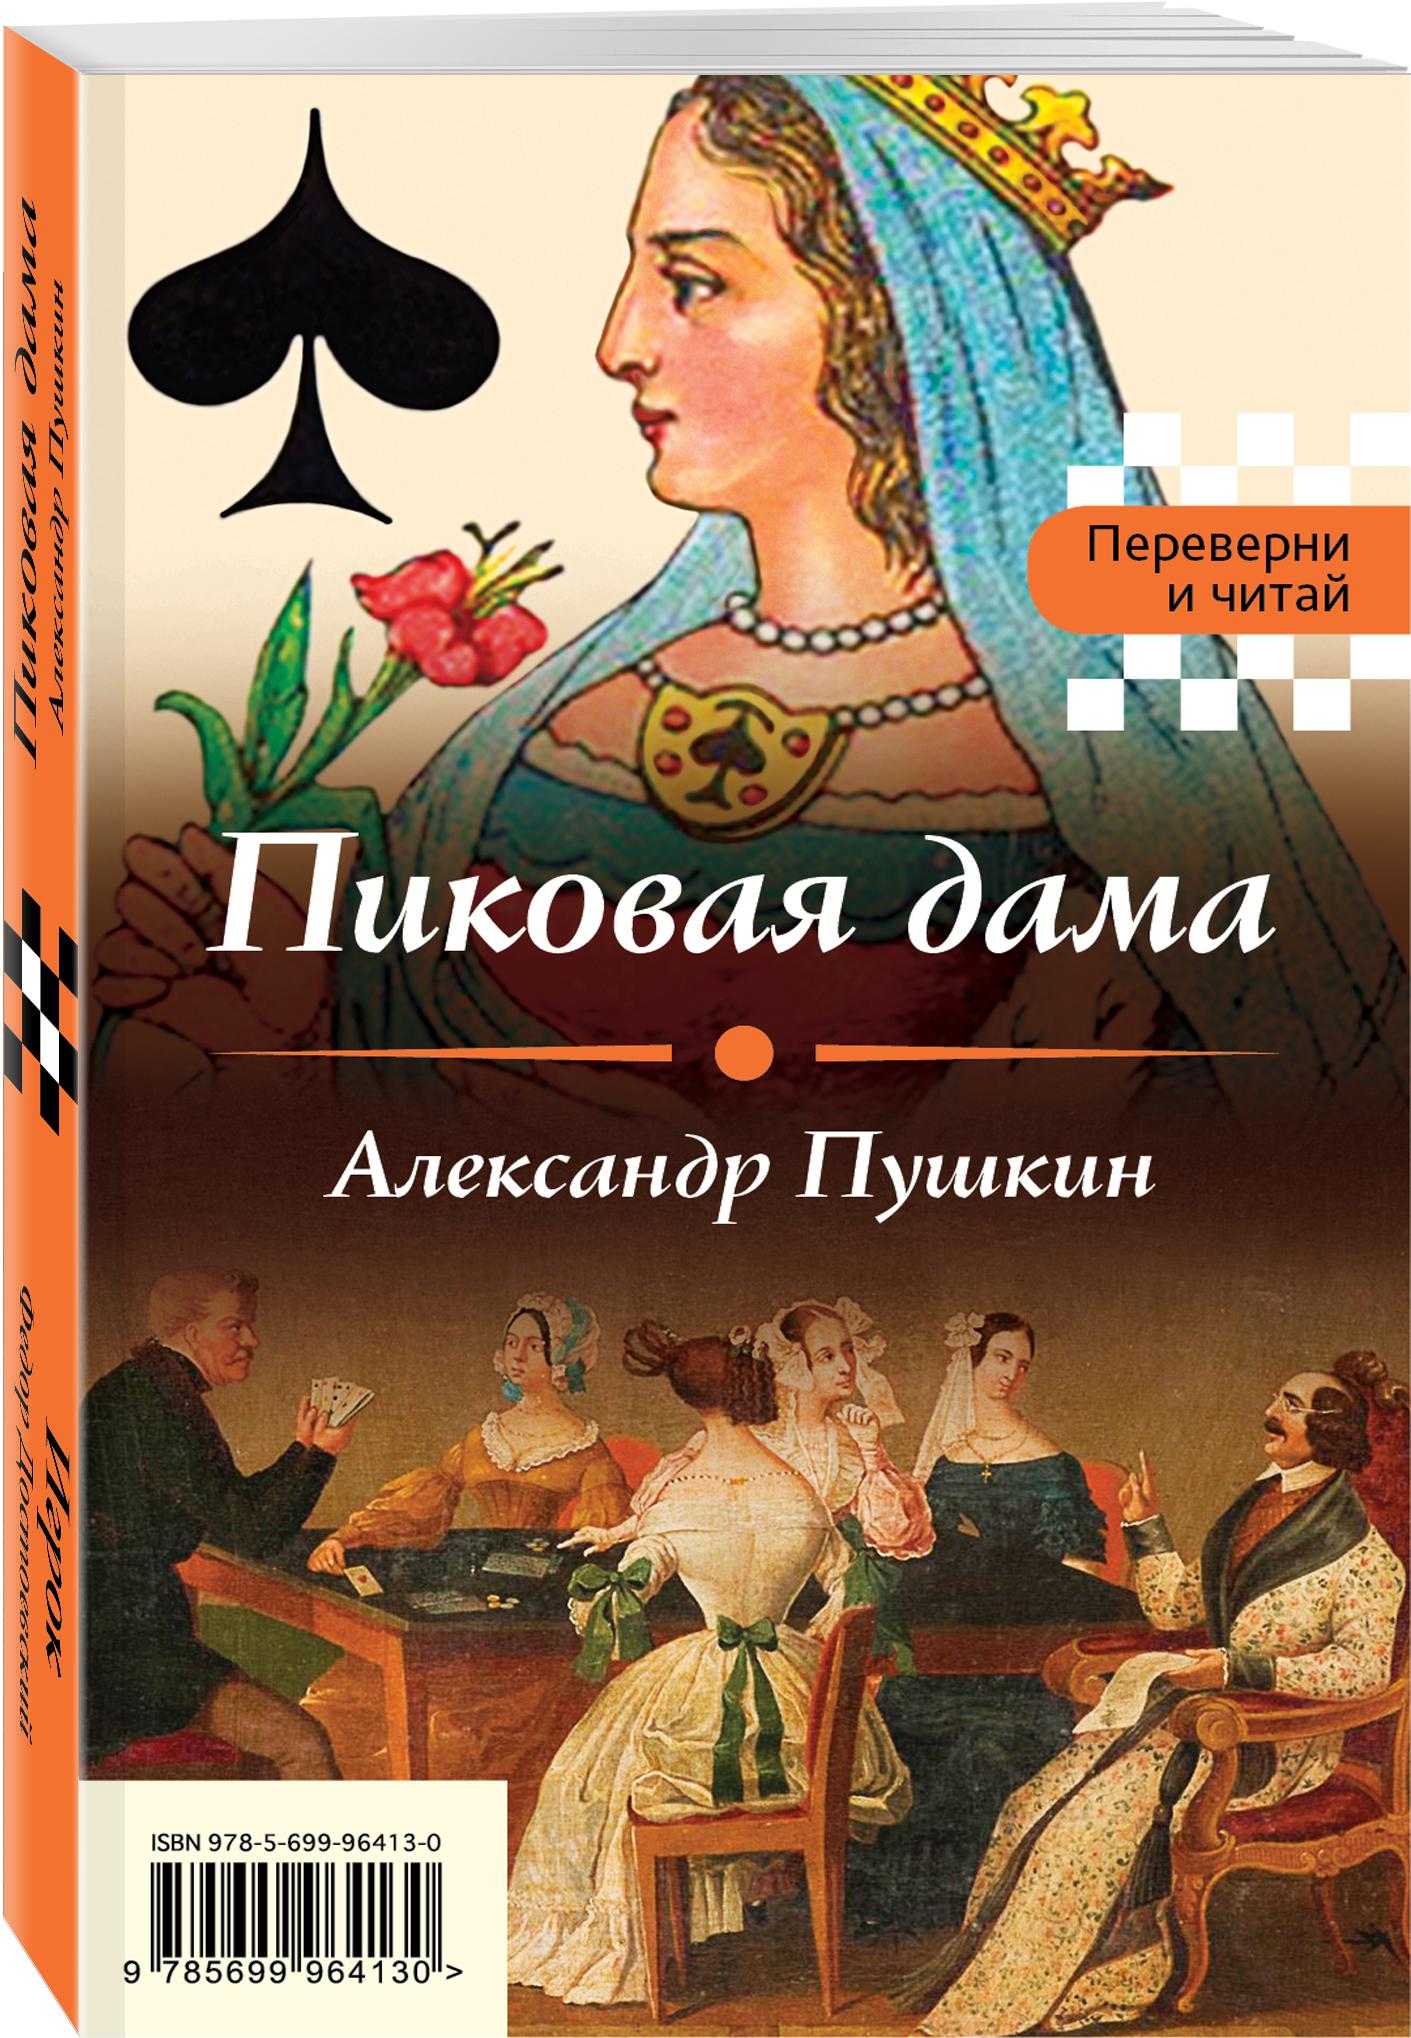 Александр Пушкин, Федор Достоевский Пиковая дама. Игрок